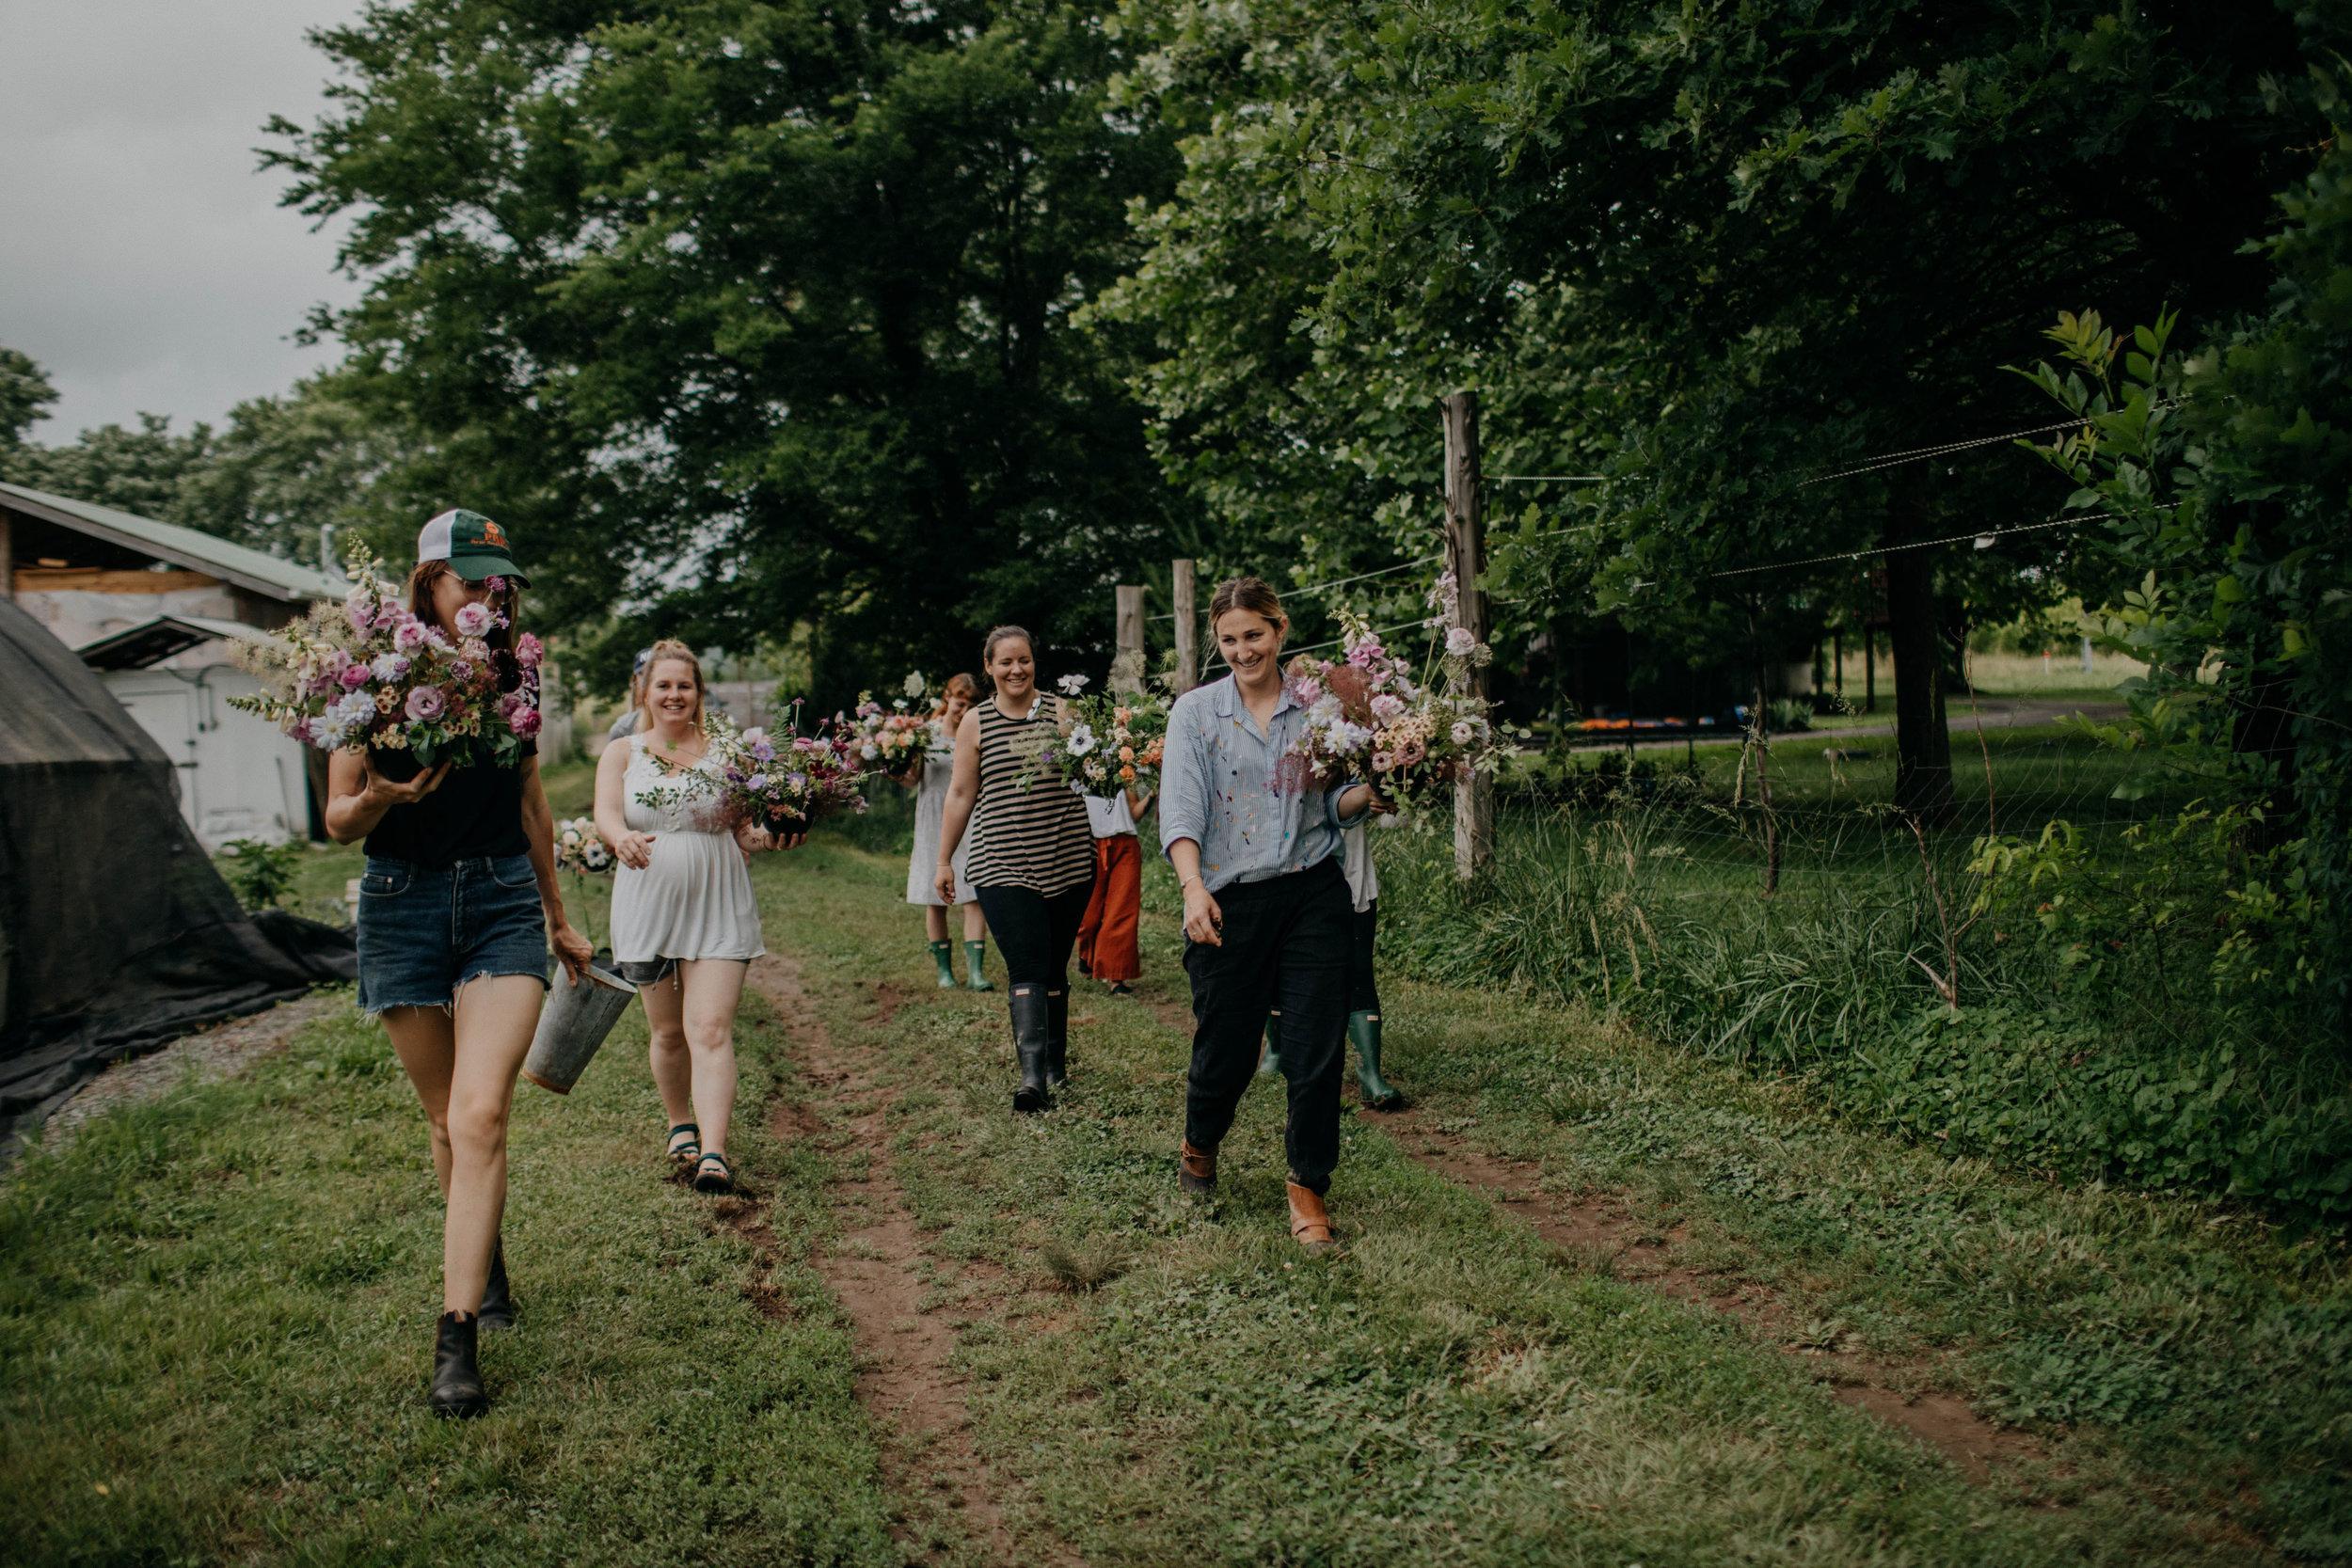 nashville floral workshop nashville tennessee wedding photographer86.jpg